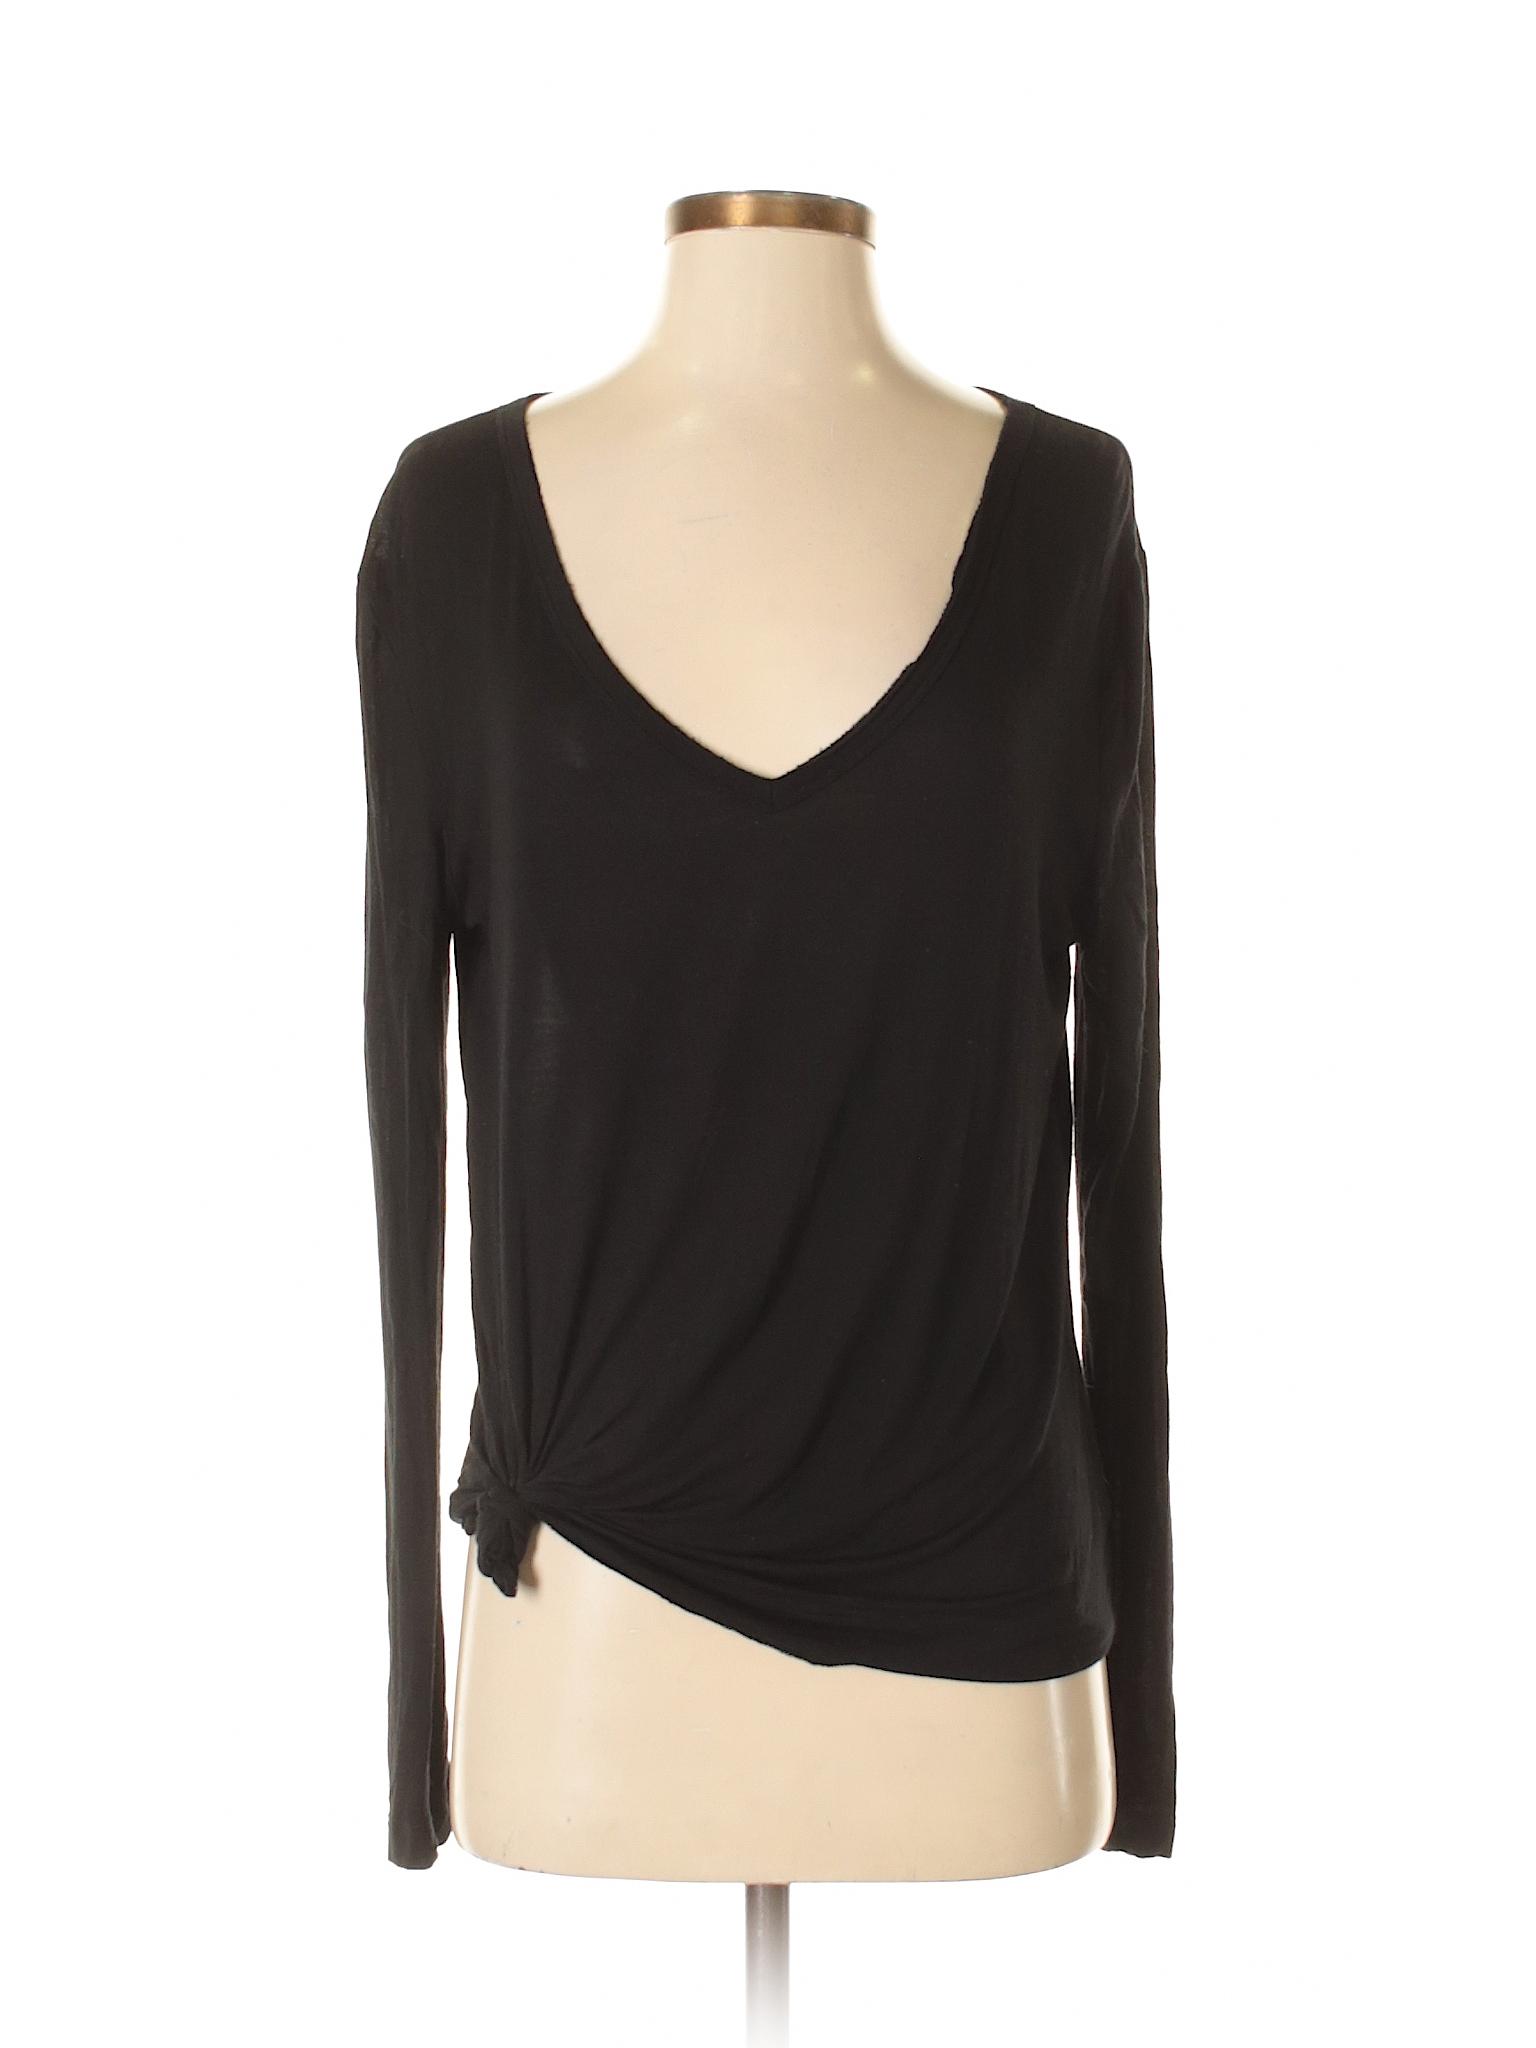 1c33e086 Details about Double Zero Women Black Long Sleeve Top Sm